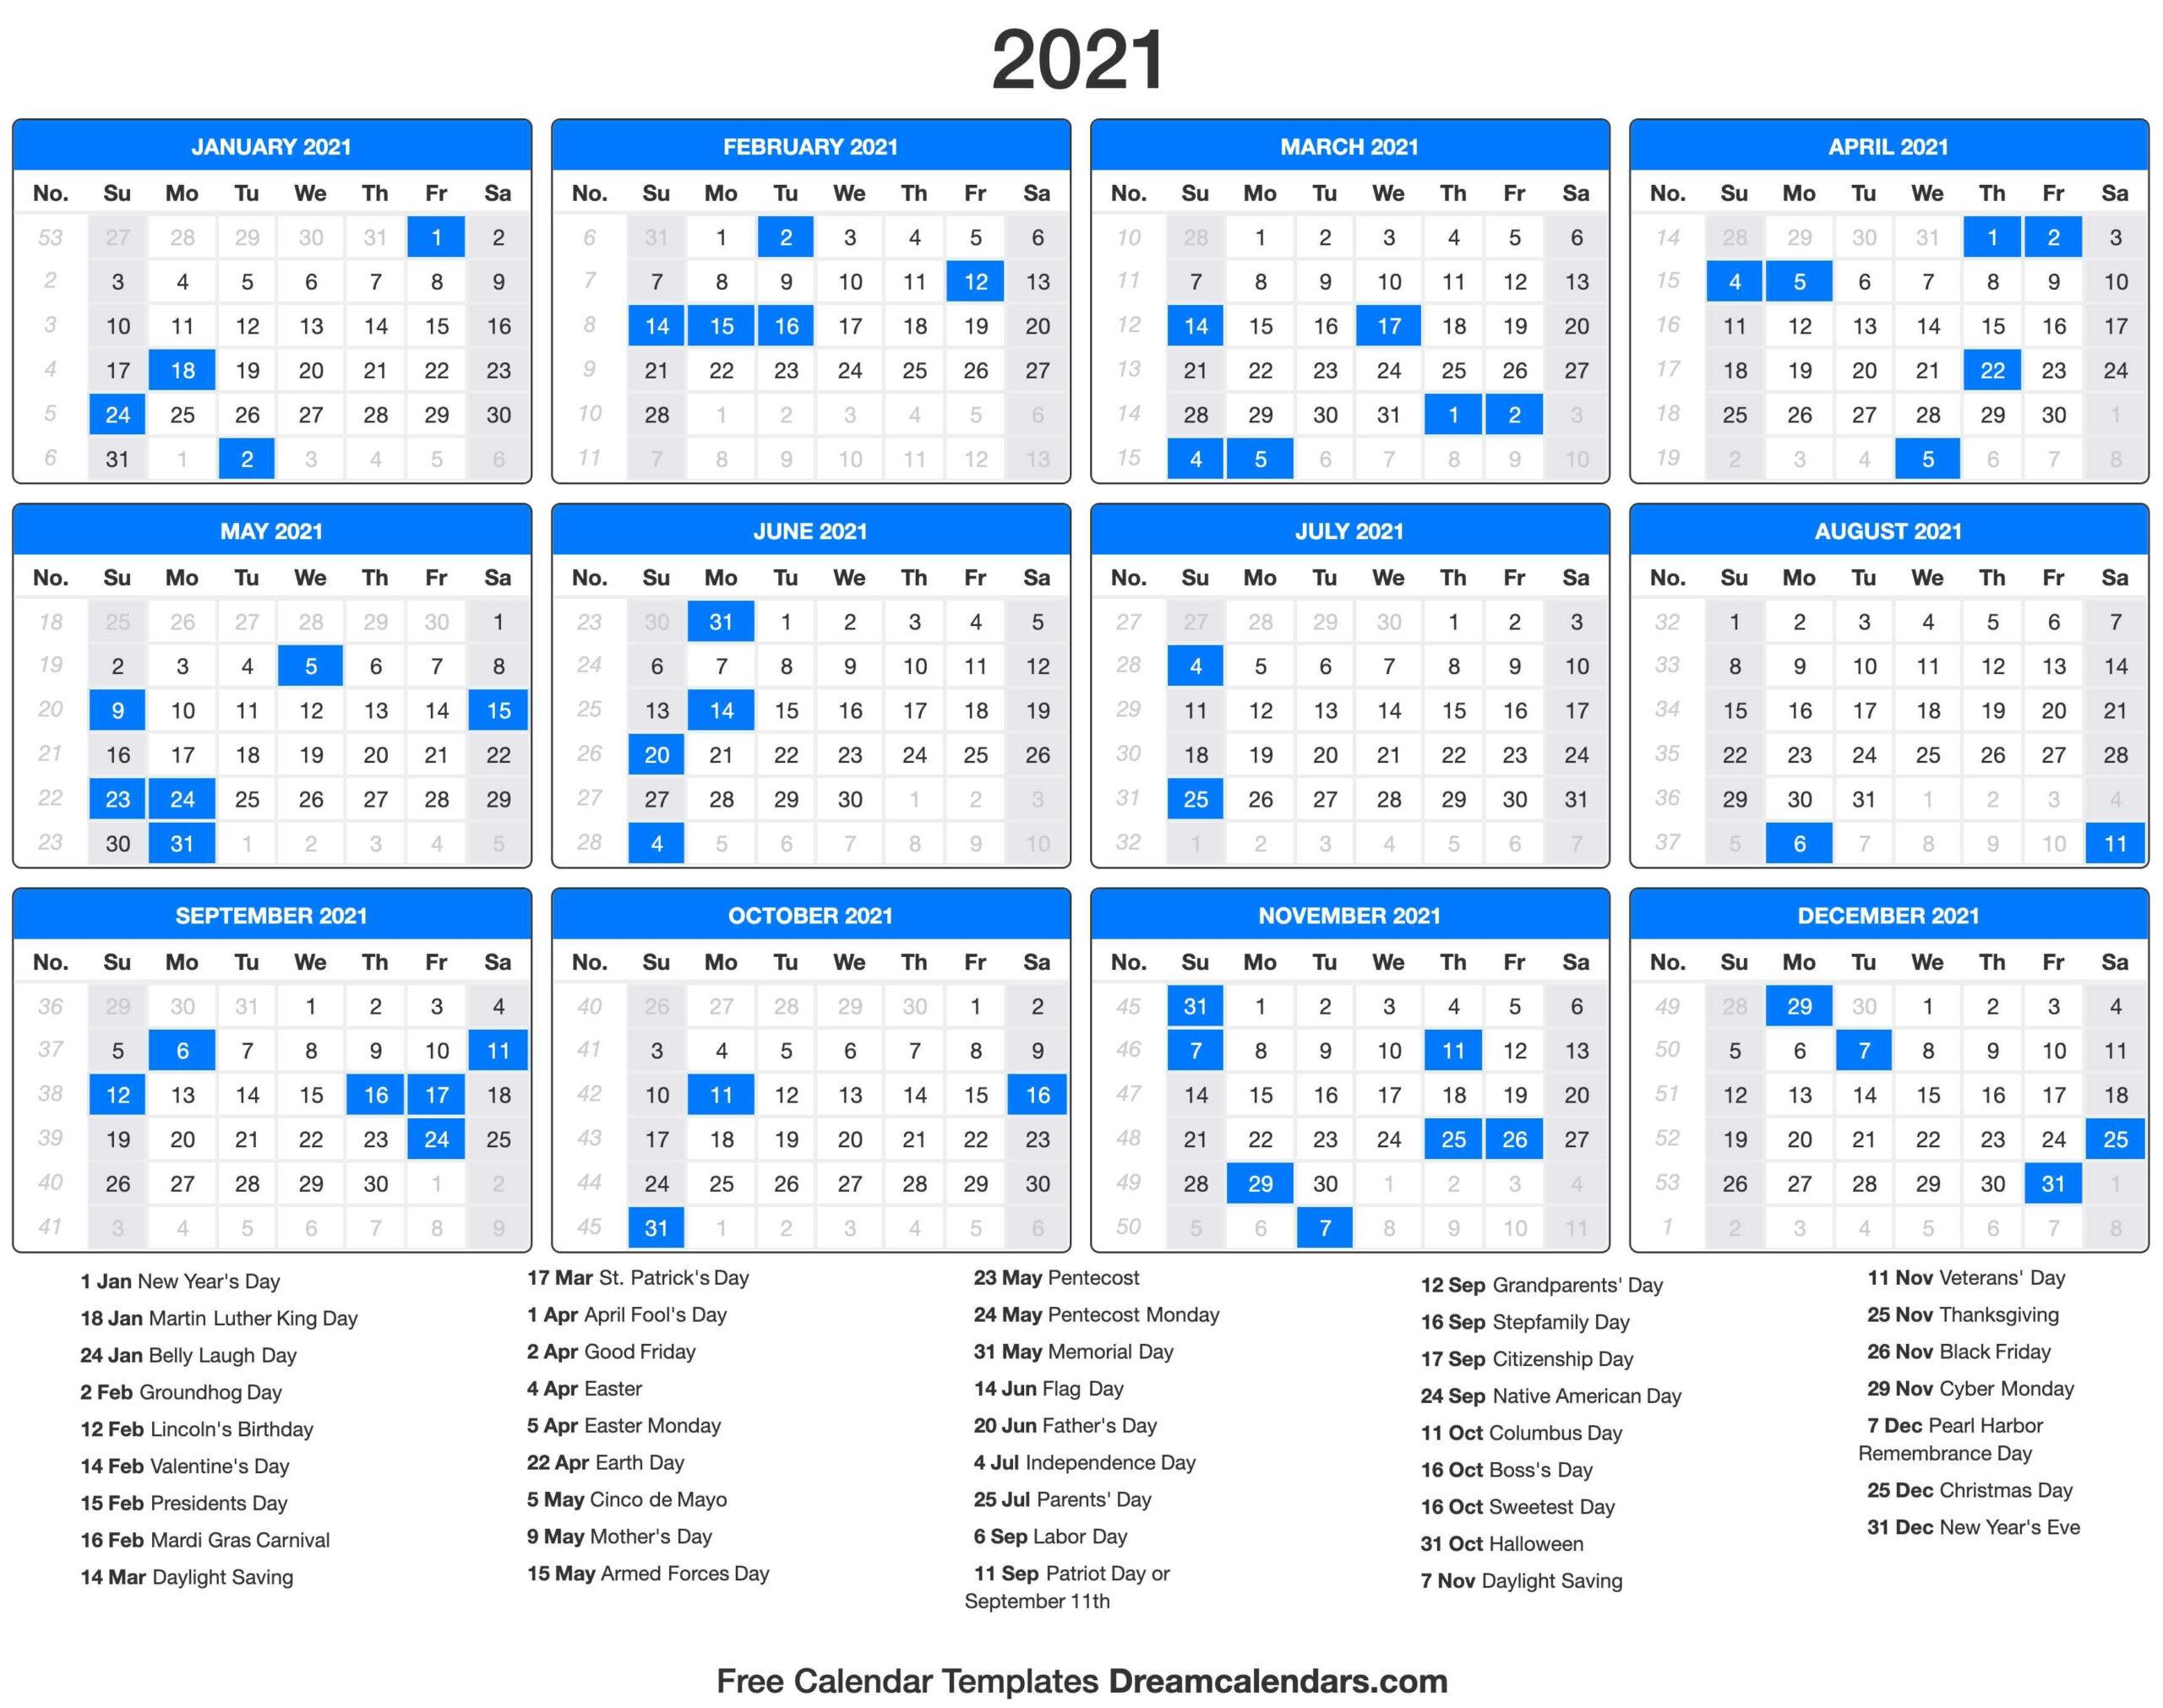 2021 Calendar Printable Pdf With Holidays   2021 Printable